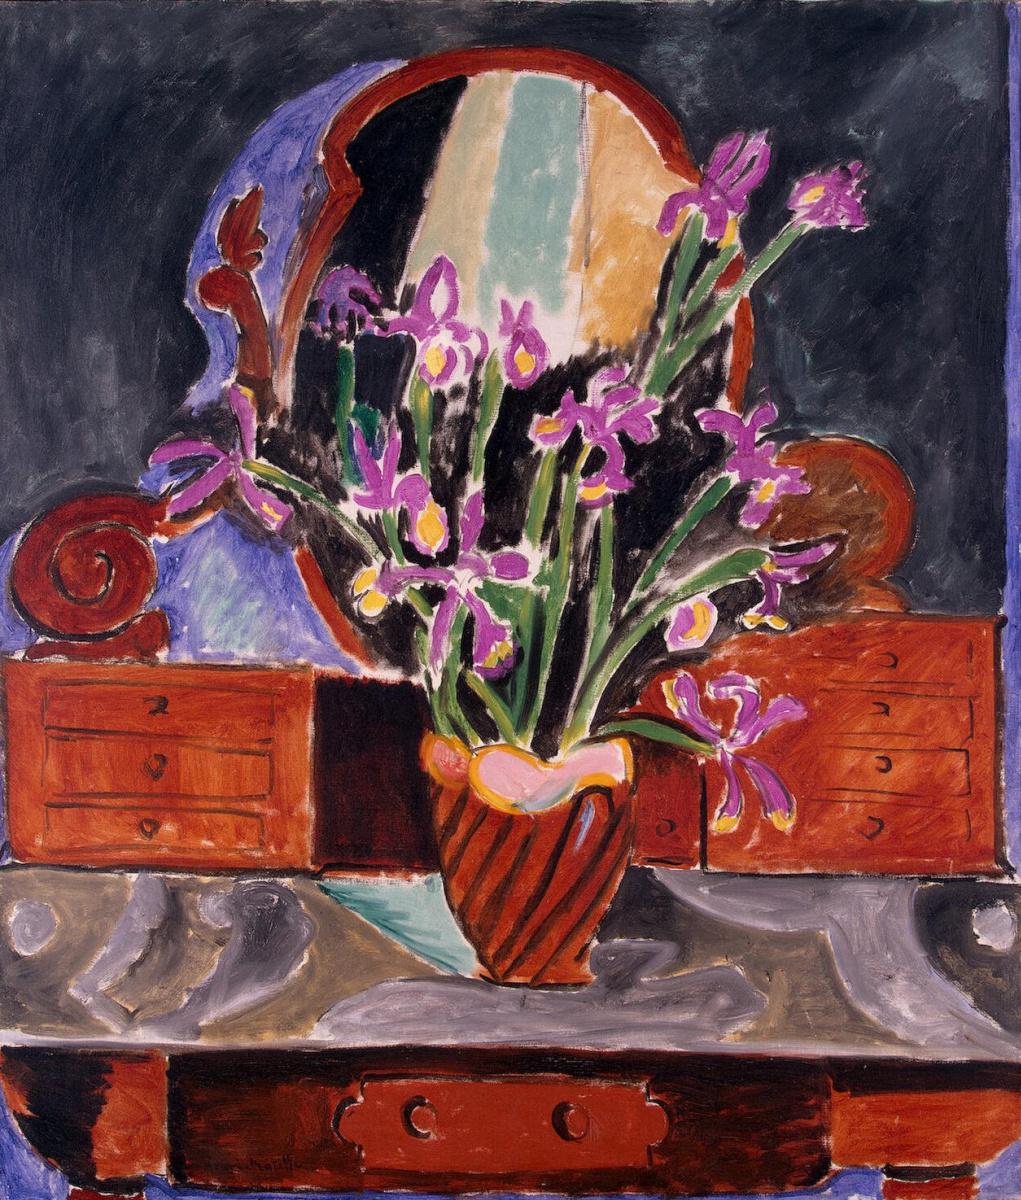 Henri Matisse. Irises in a vase